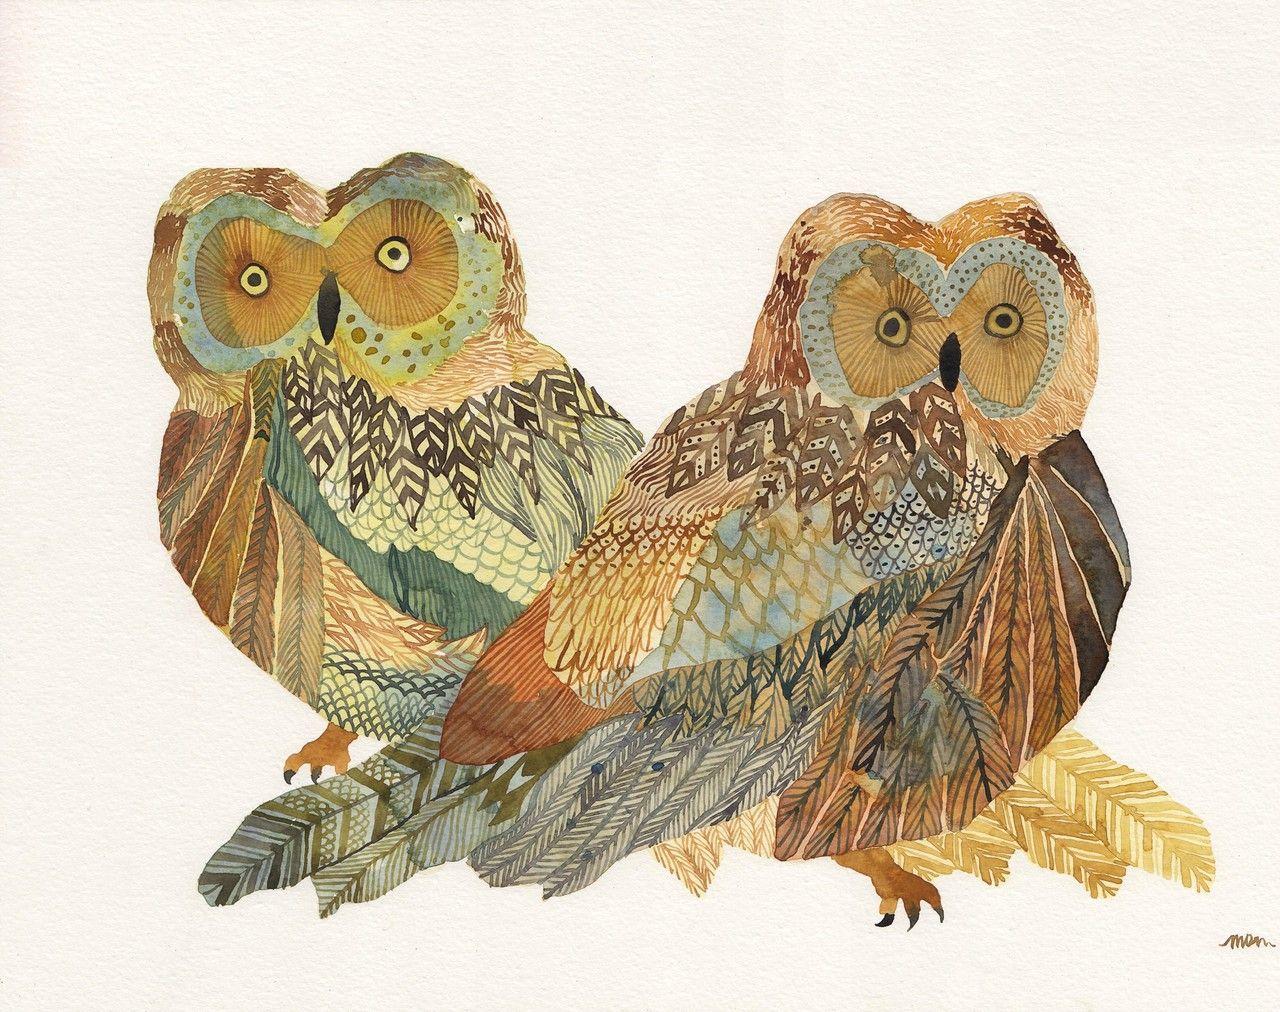 Little Owl Albrecht Durer Museum Art Print 8x11